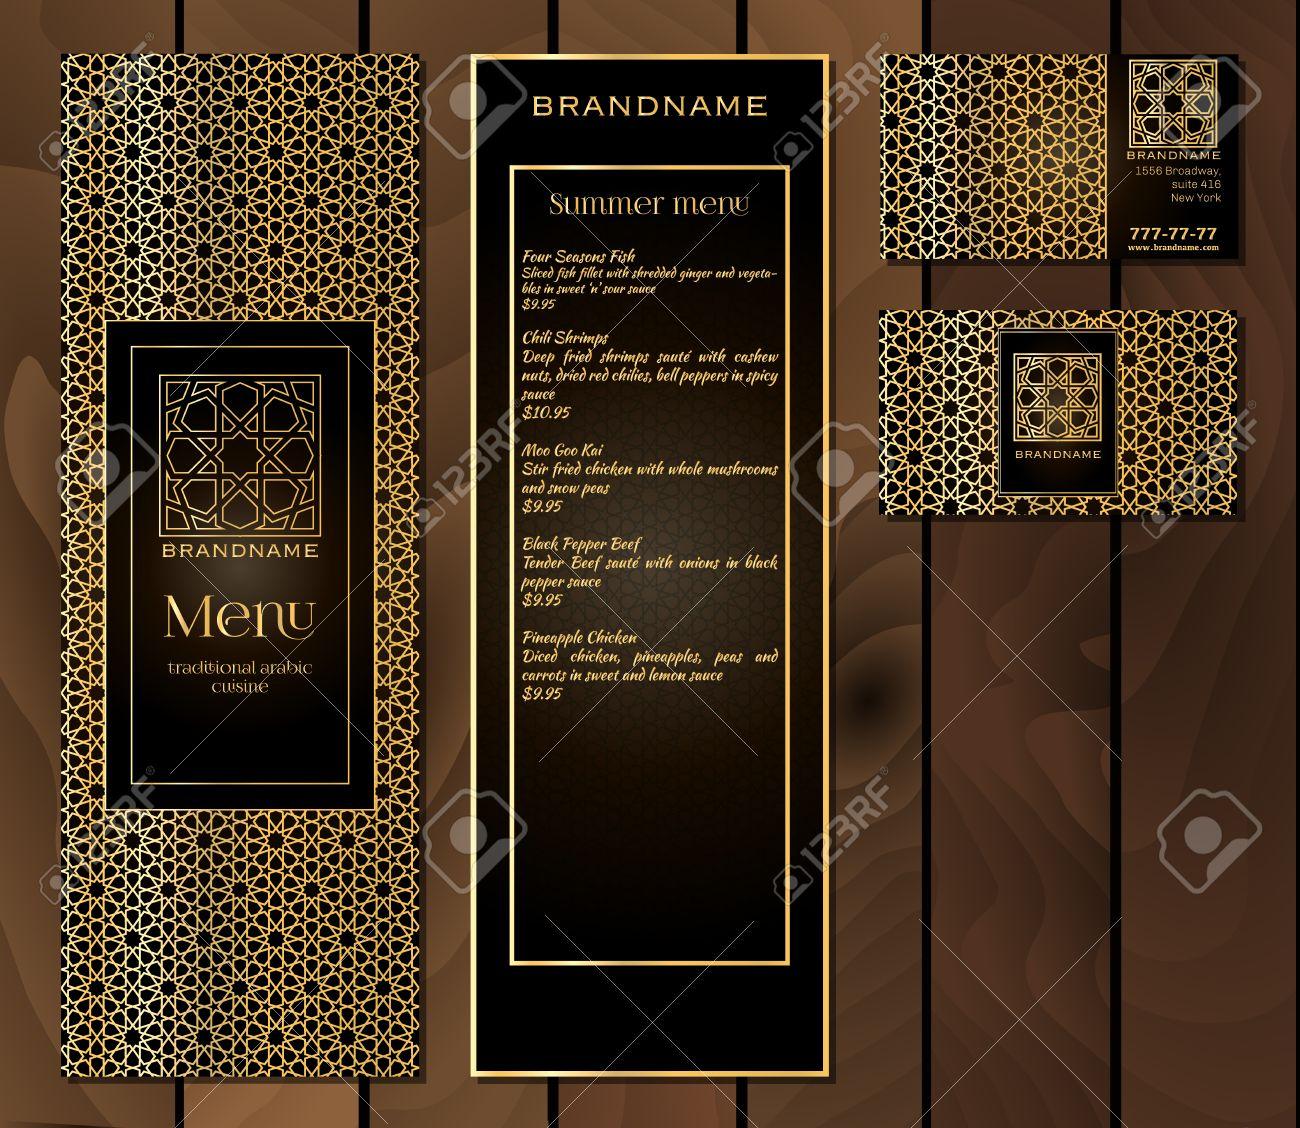 Vector Illustration Of A Menu Design For A Restaurant Or Cafe ...